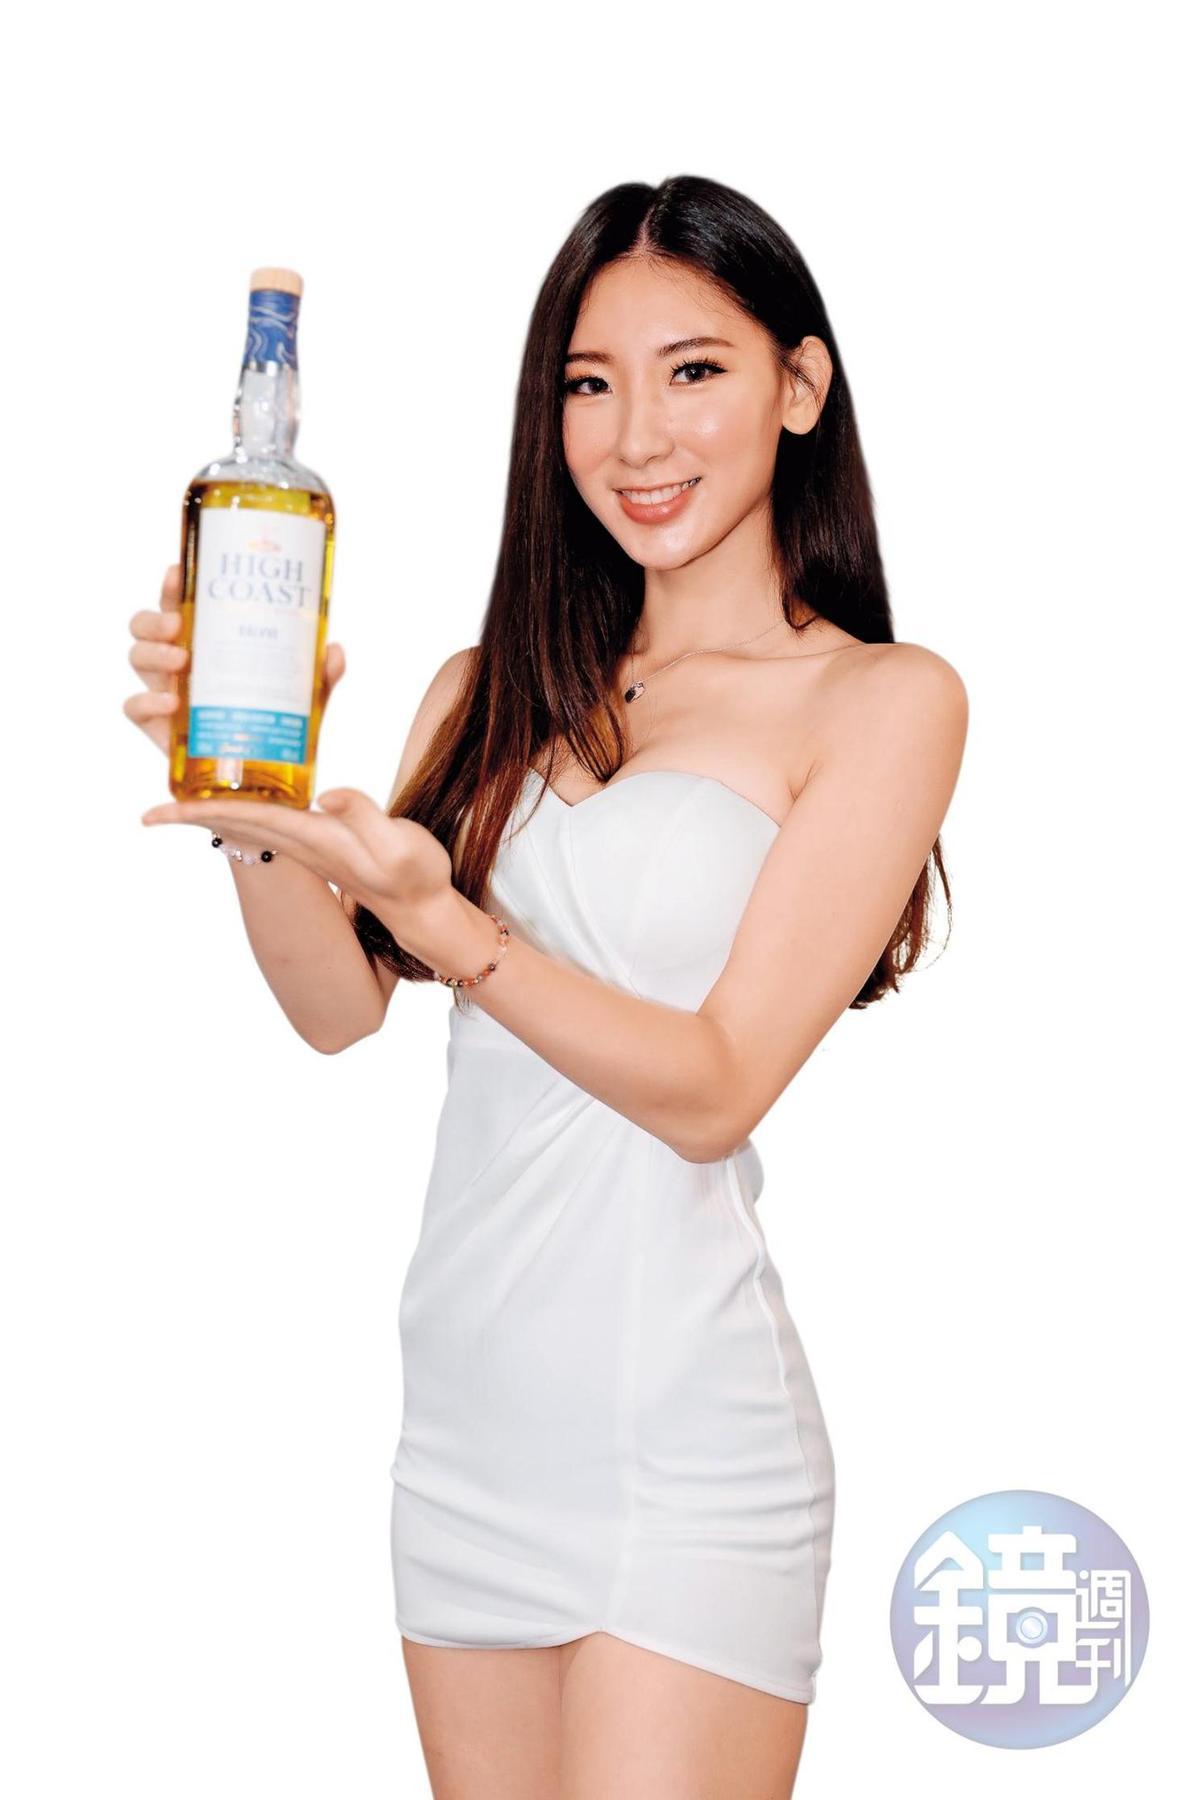 曾獲選過《壹週刊》PG選拔冠軍的兔兔,為改名High Coast的瑞典威士忌站台,女神姿態十分相稱這間高緯度的酒廠。